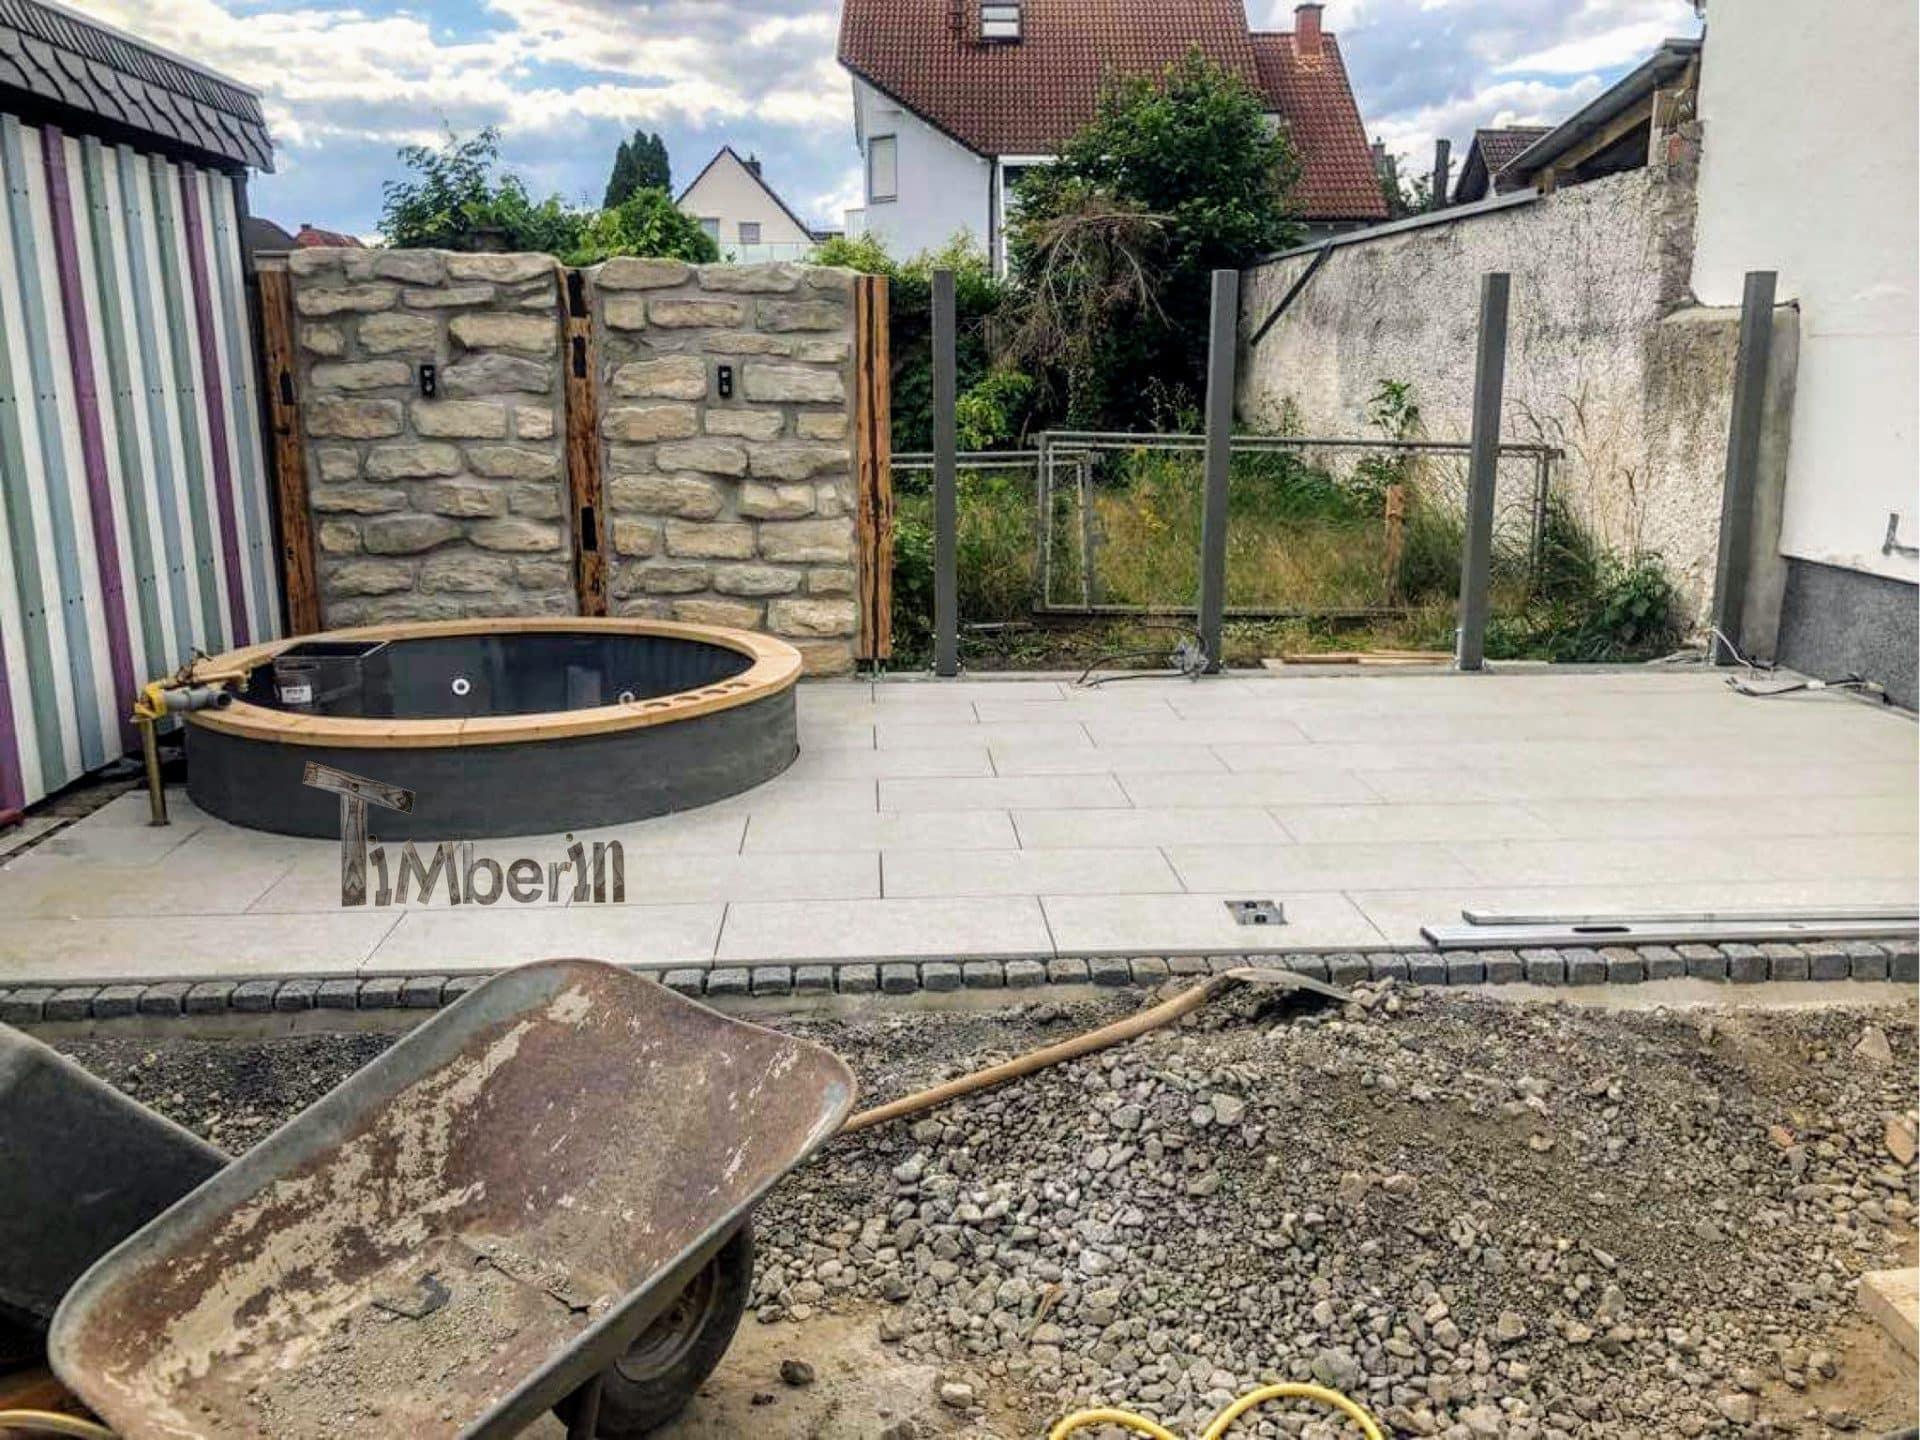 Badezuber Badefass Jacuzzi Hot tube Einbaumodell Einsatz Eingraben Eingelassen 5